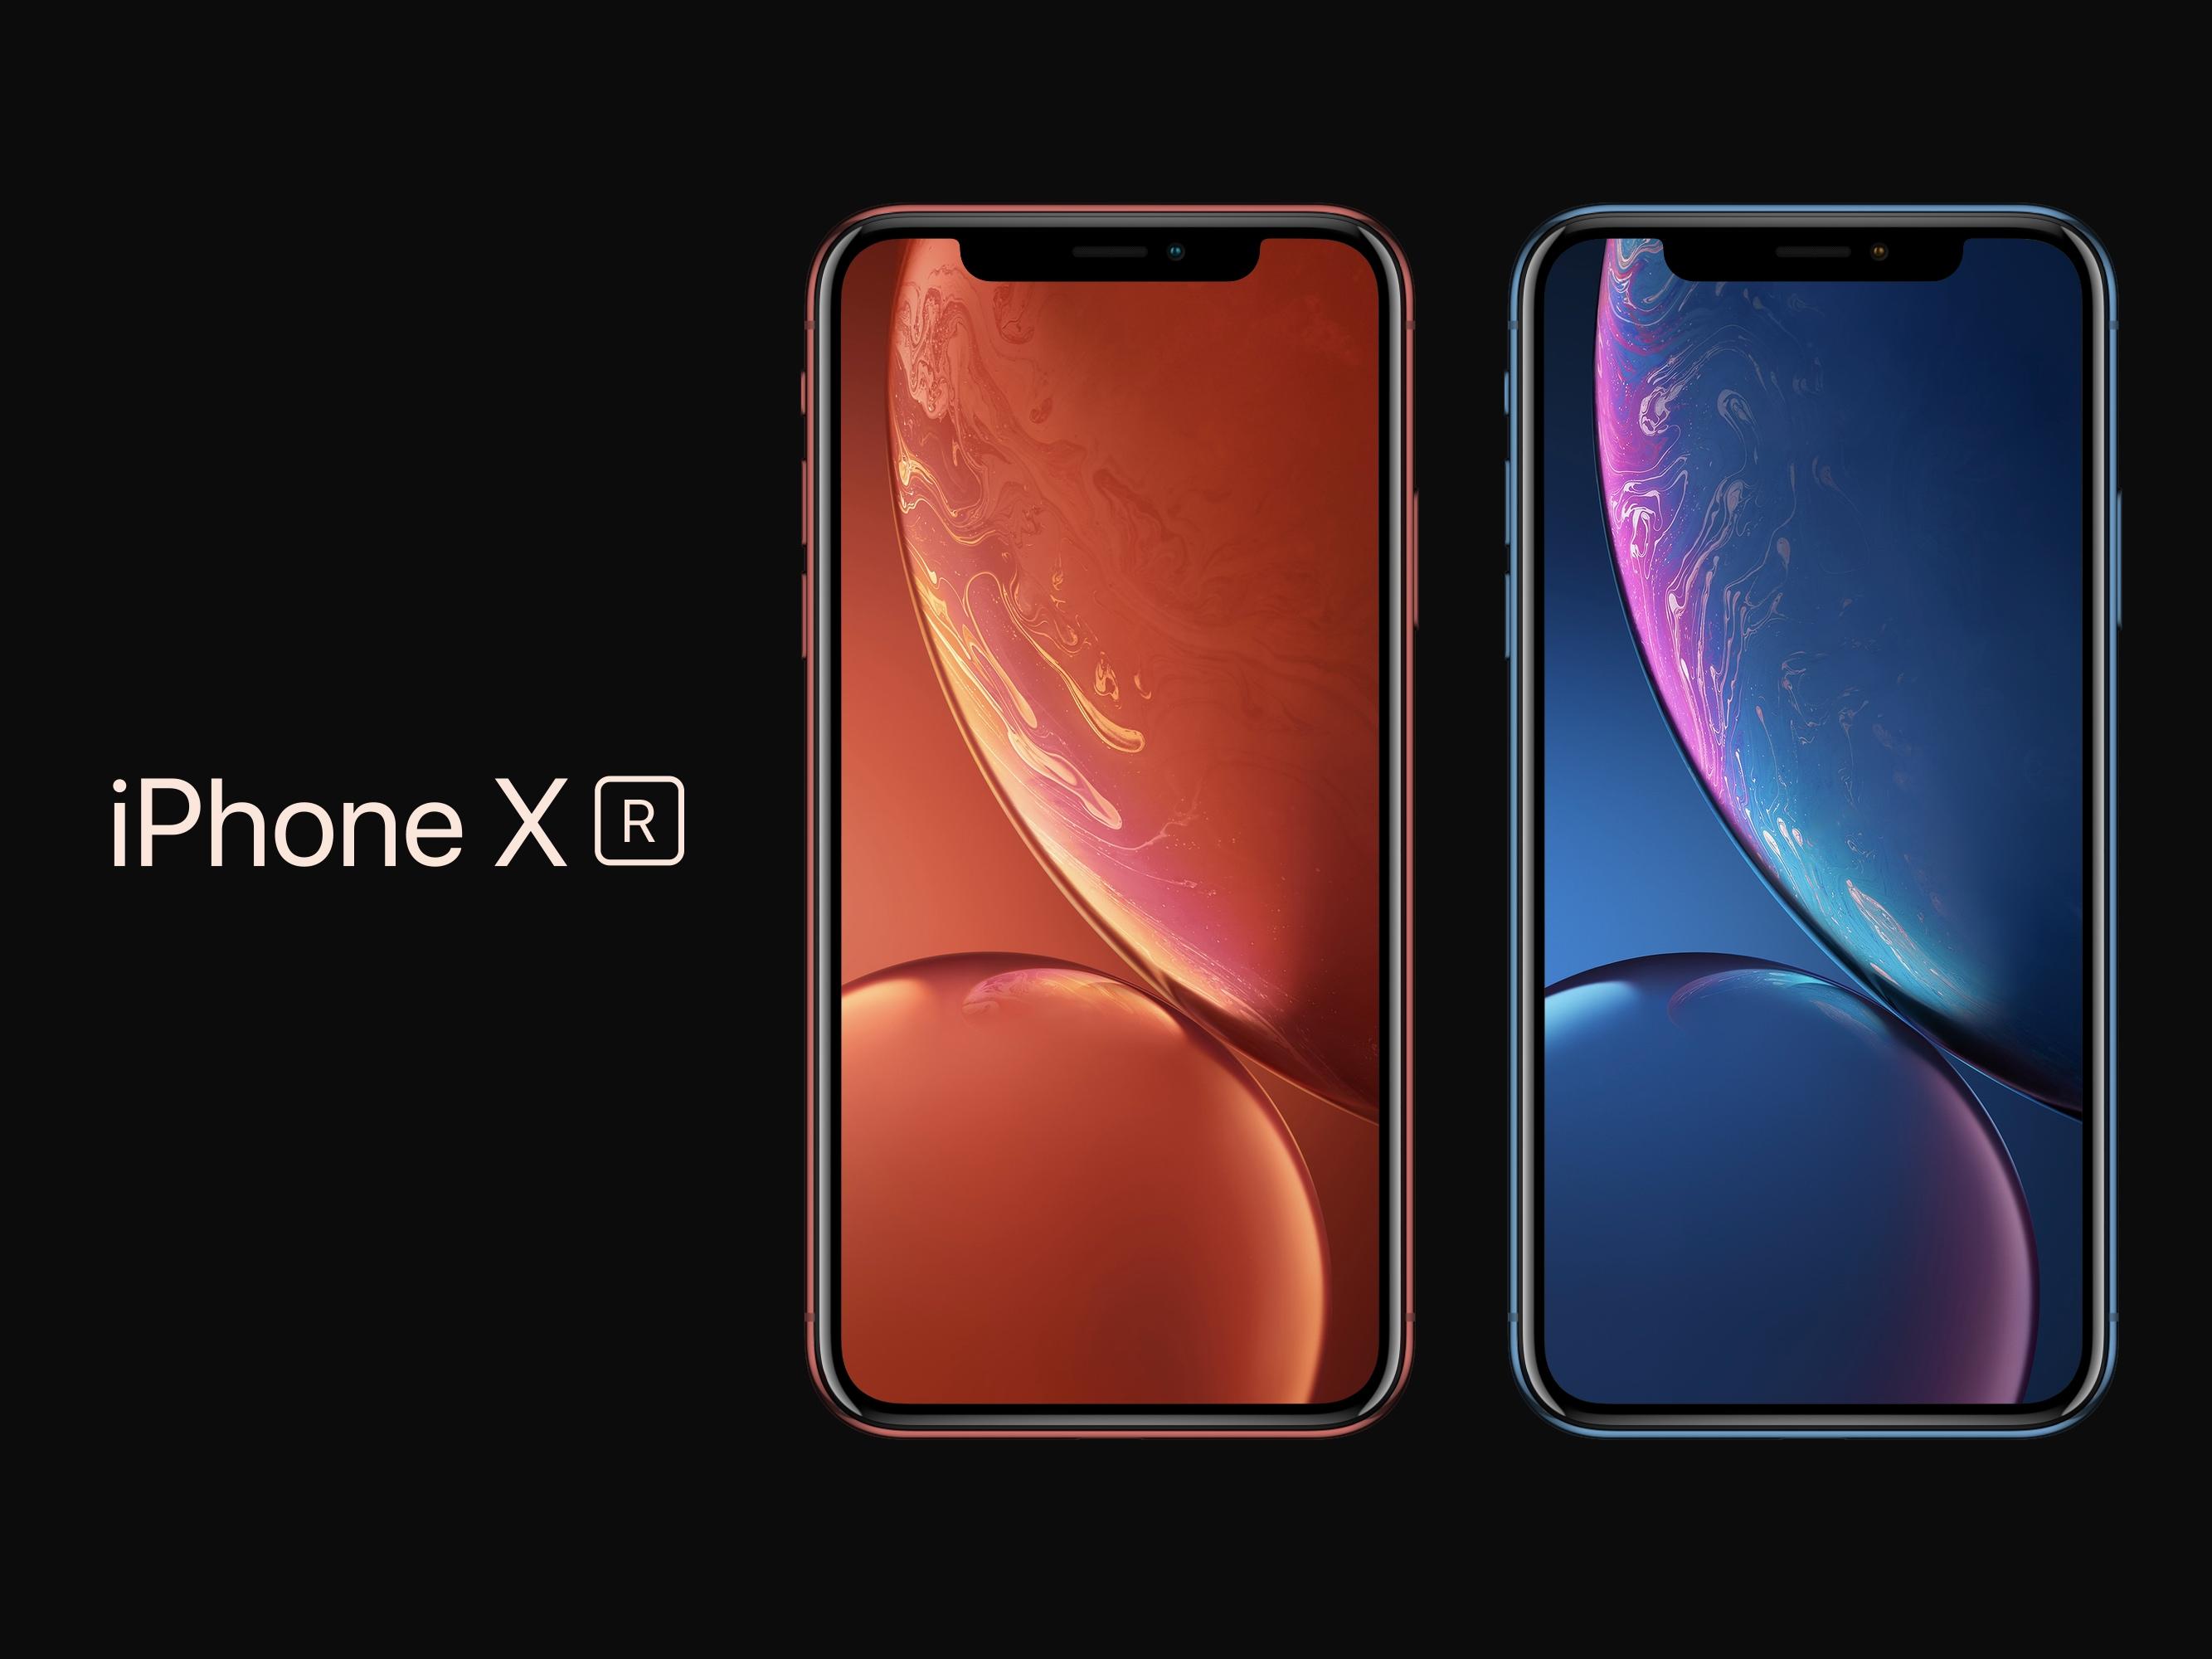 Ảnh nền đẹp chất lượng cao: Hình nền trên iPhone Xs, iPhone Xs Max và iPhone Xr